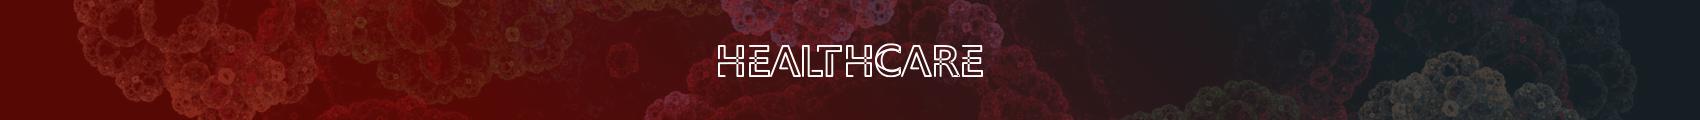 Healthcate